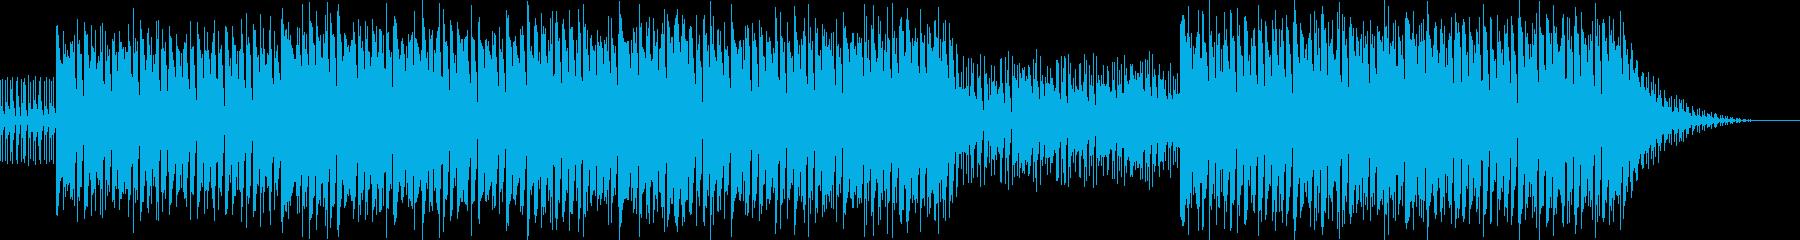 エレピとシンセのきれいなハウスの再生済みの波形